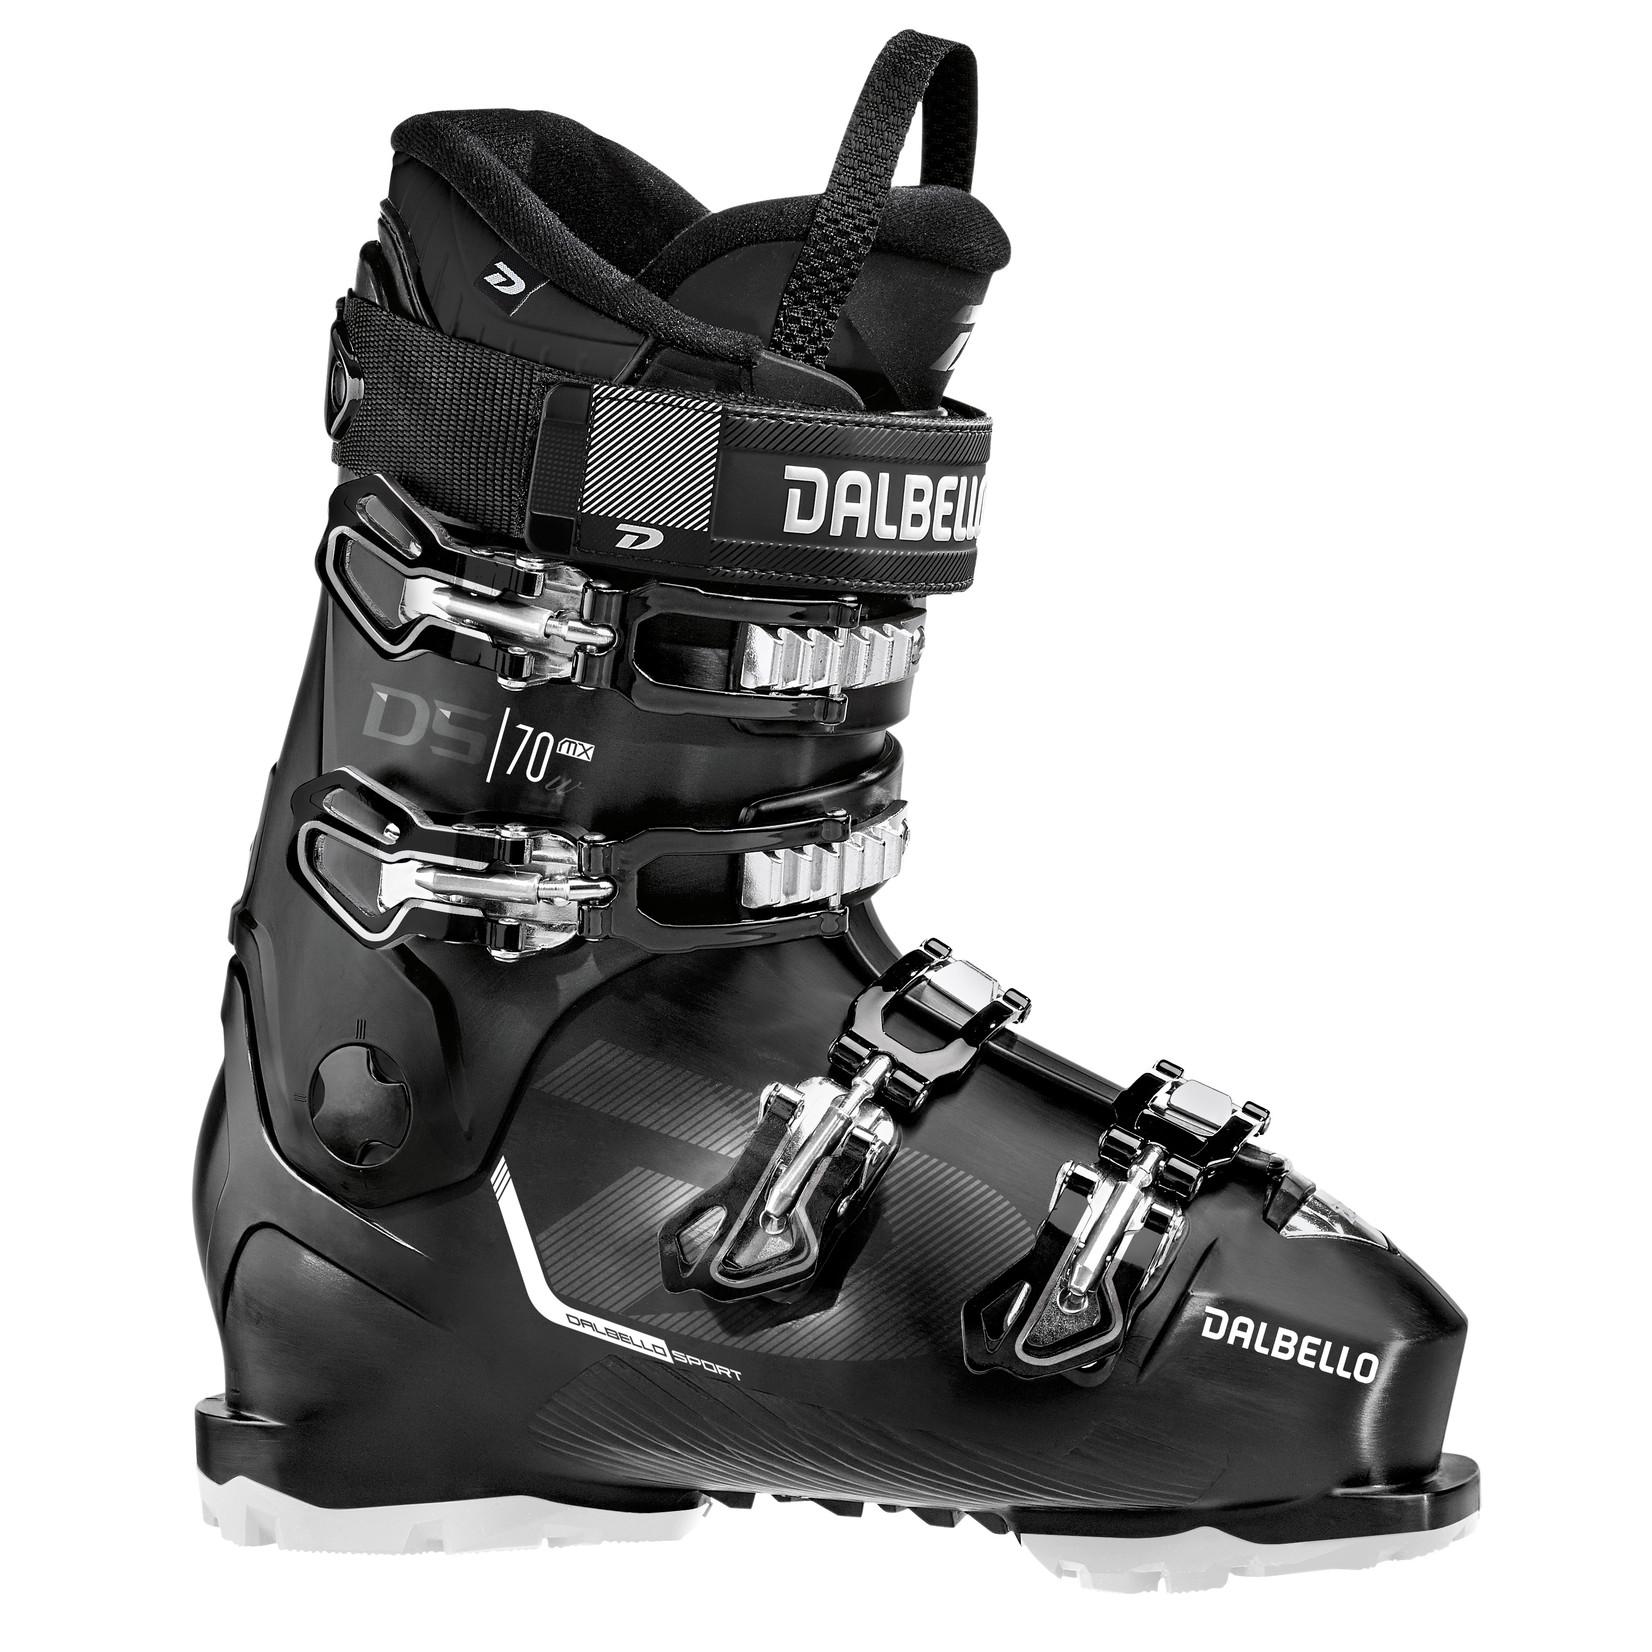 Dalbello Dalbello DS MX 70 Women's GW Ski Boots 2022